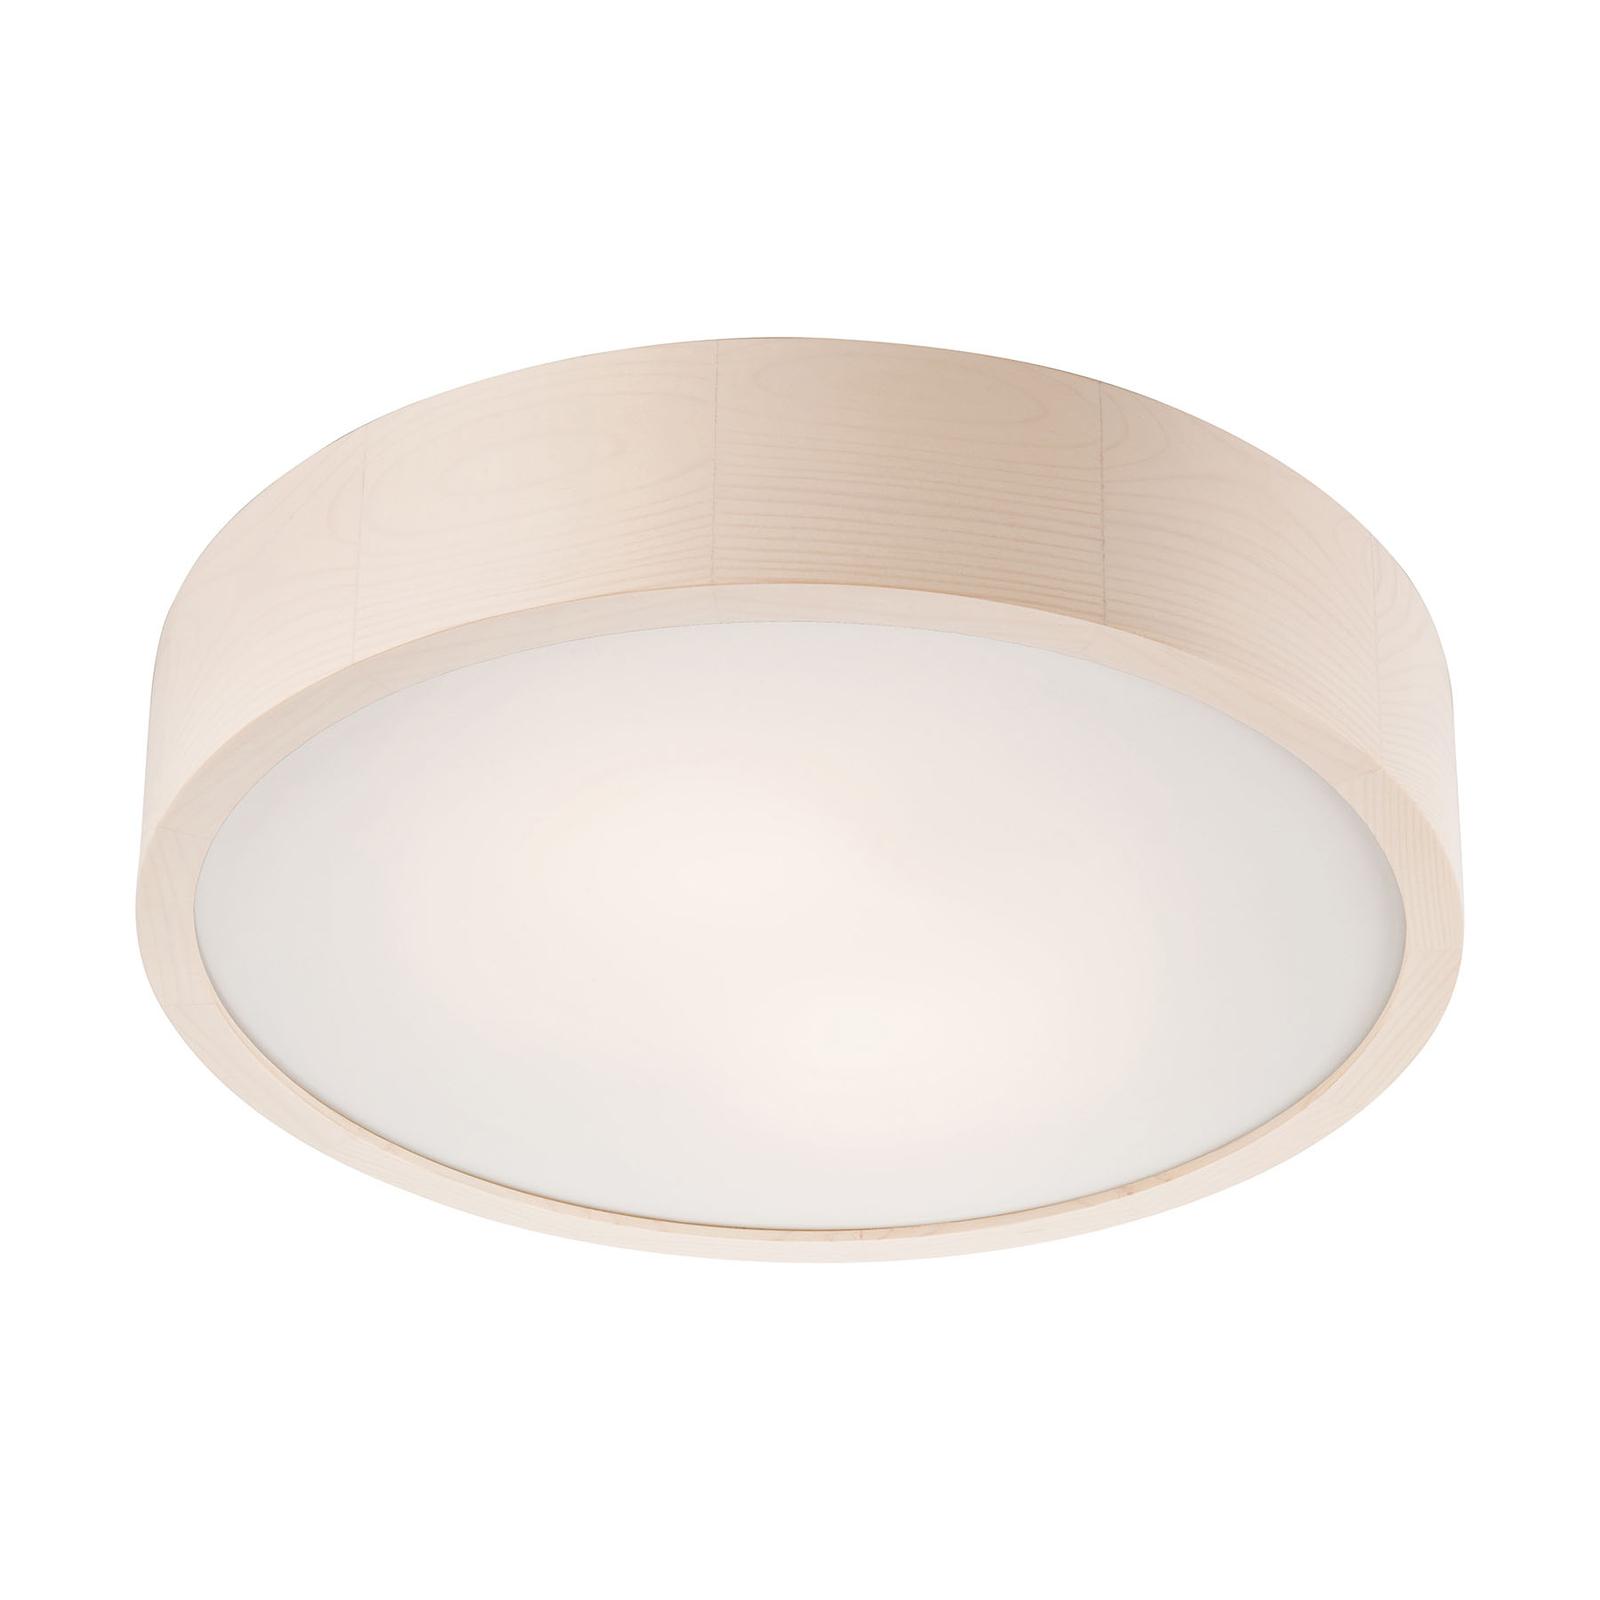 Deckenlampe Kerio, Ø 37 cm, weiß